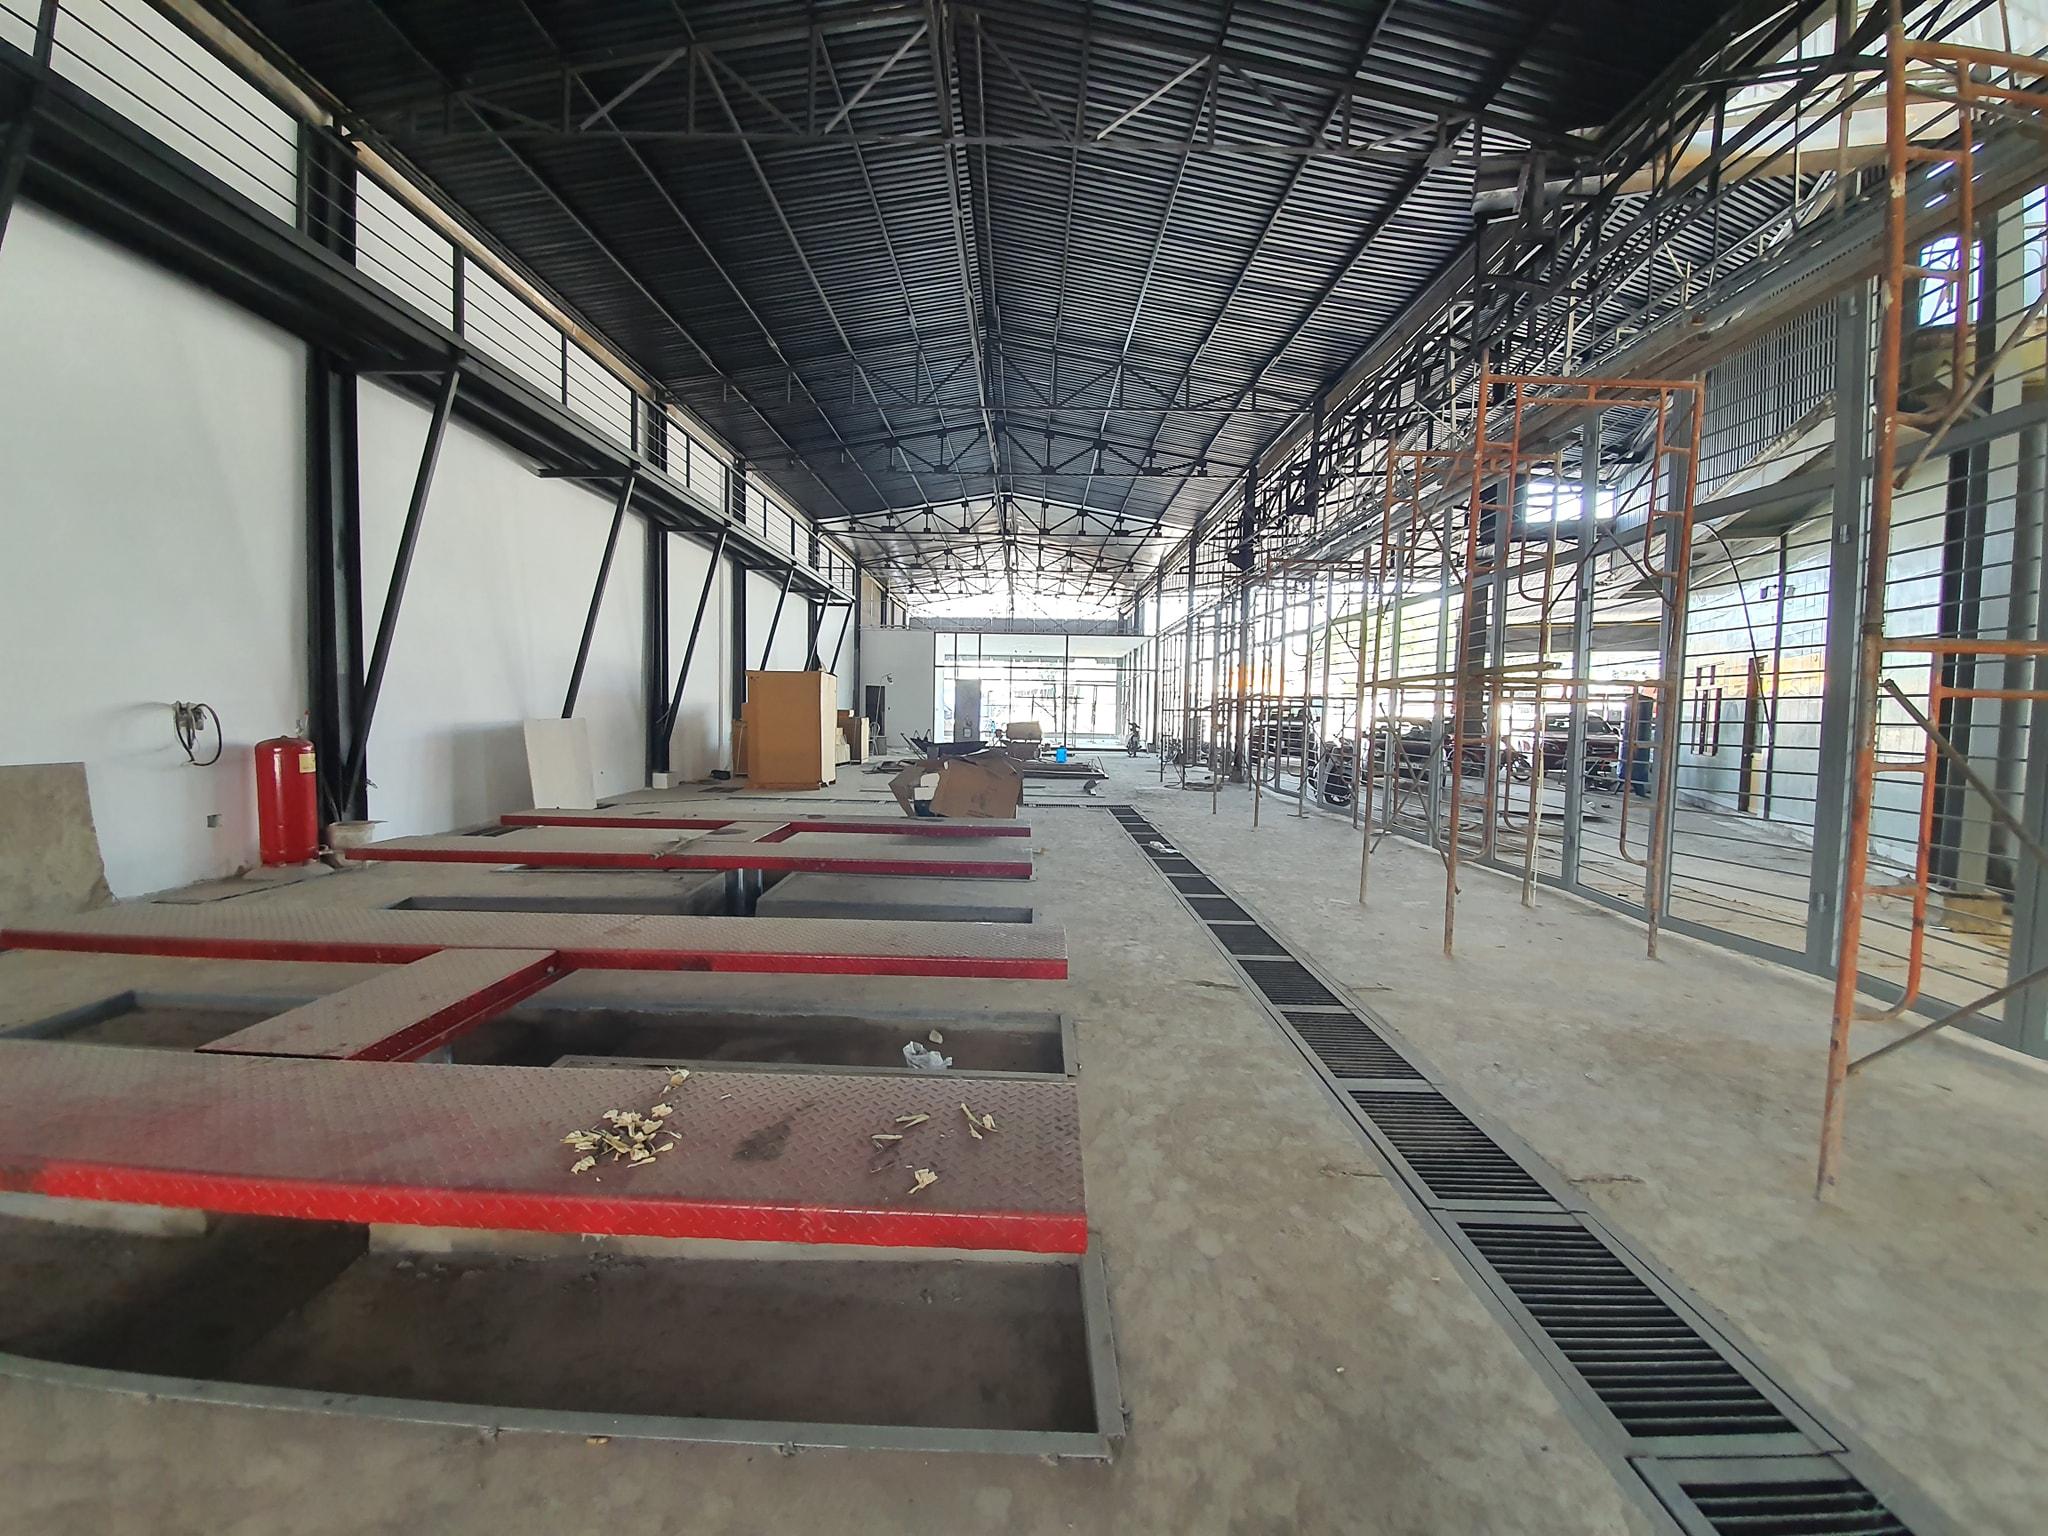 Nhà thầu xây dựng là yếu tố ảnh hưởng đến đơn giá xây nhà xưởng